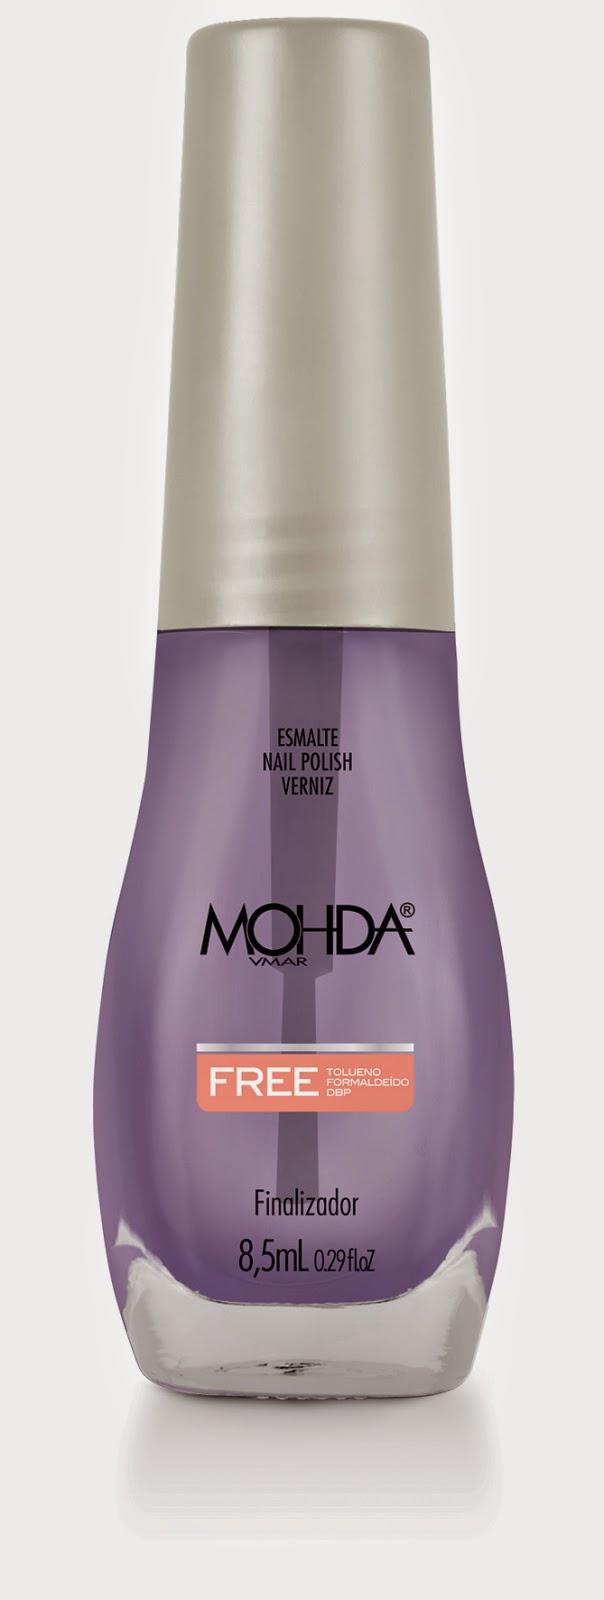 Finalizador FREE Mohda